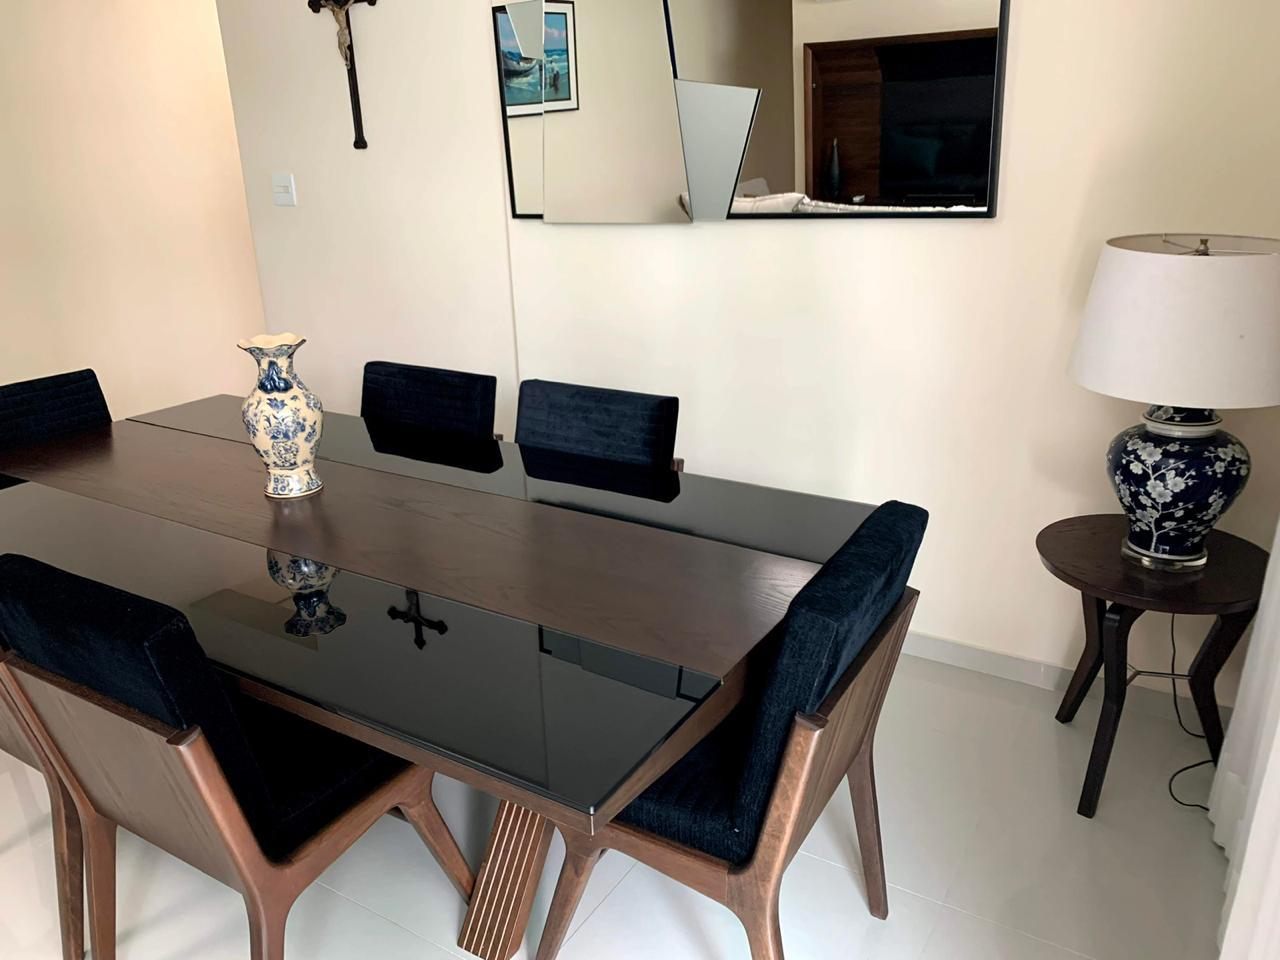 Excelente semi novo apartamento com 160m, uma quadra da Praia, Duas vagas de garagem, 3 suítes - foto 20